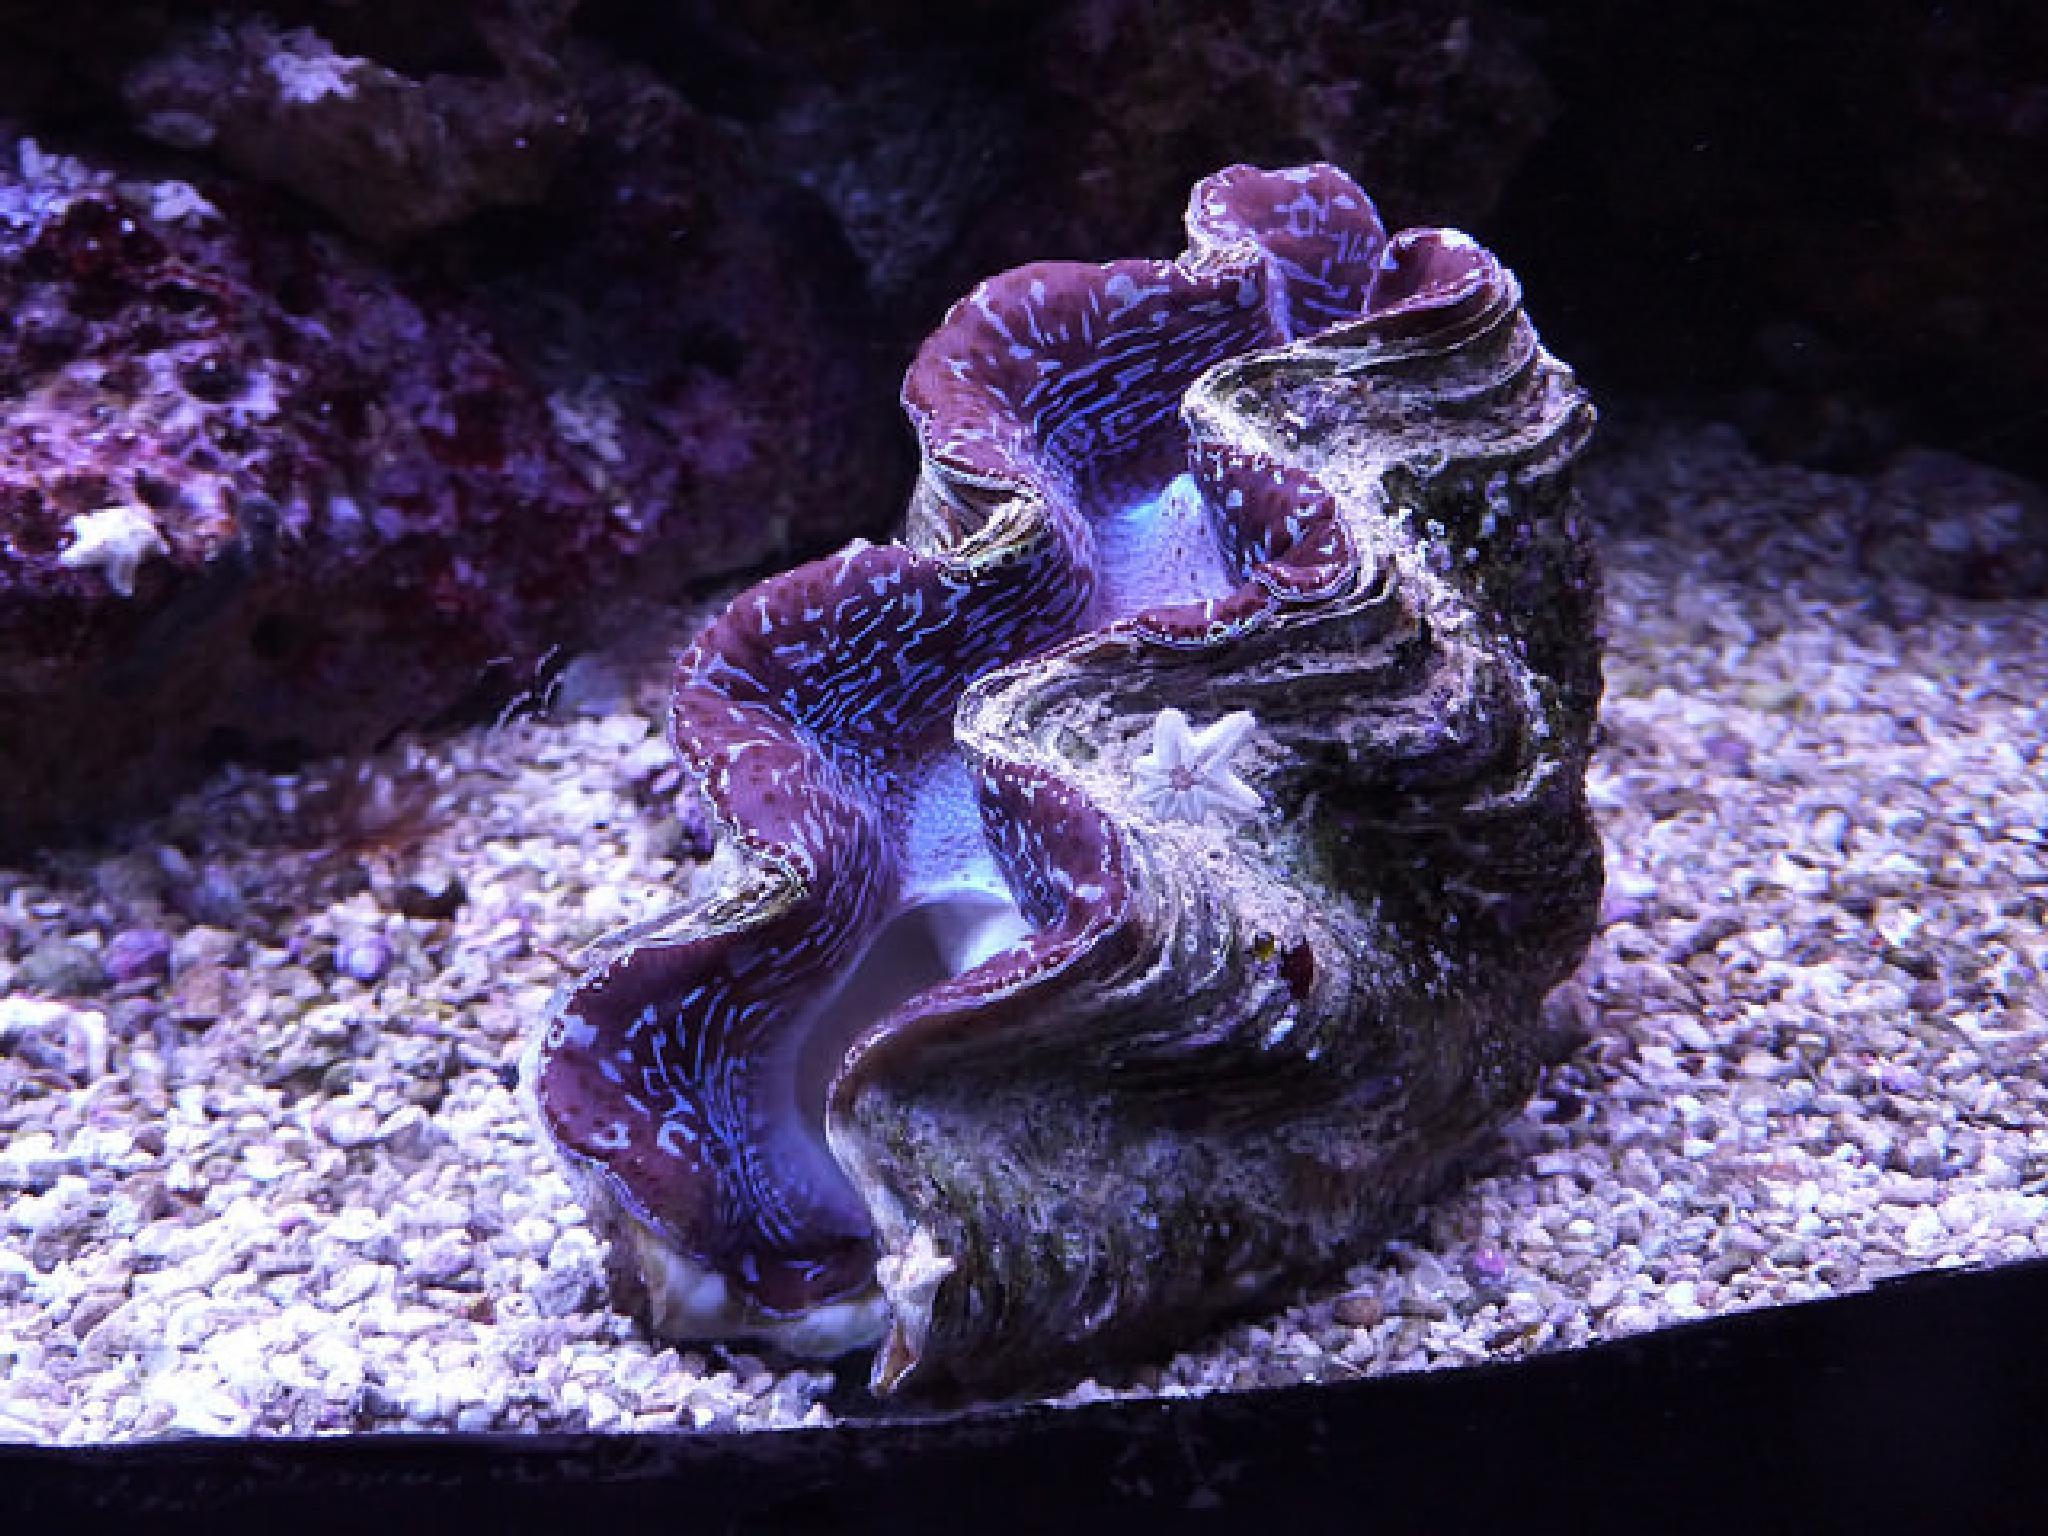 clam by Radek Smidt